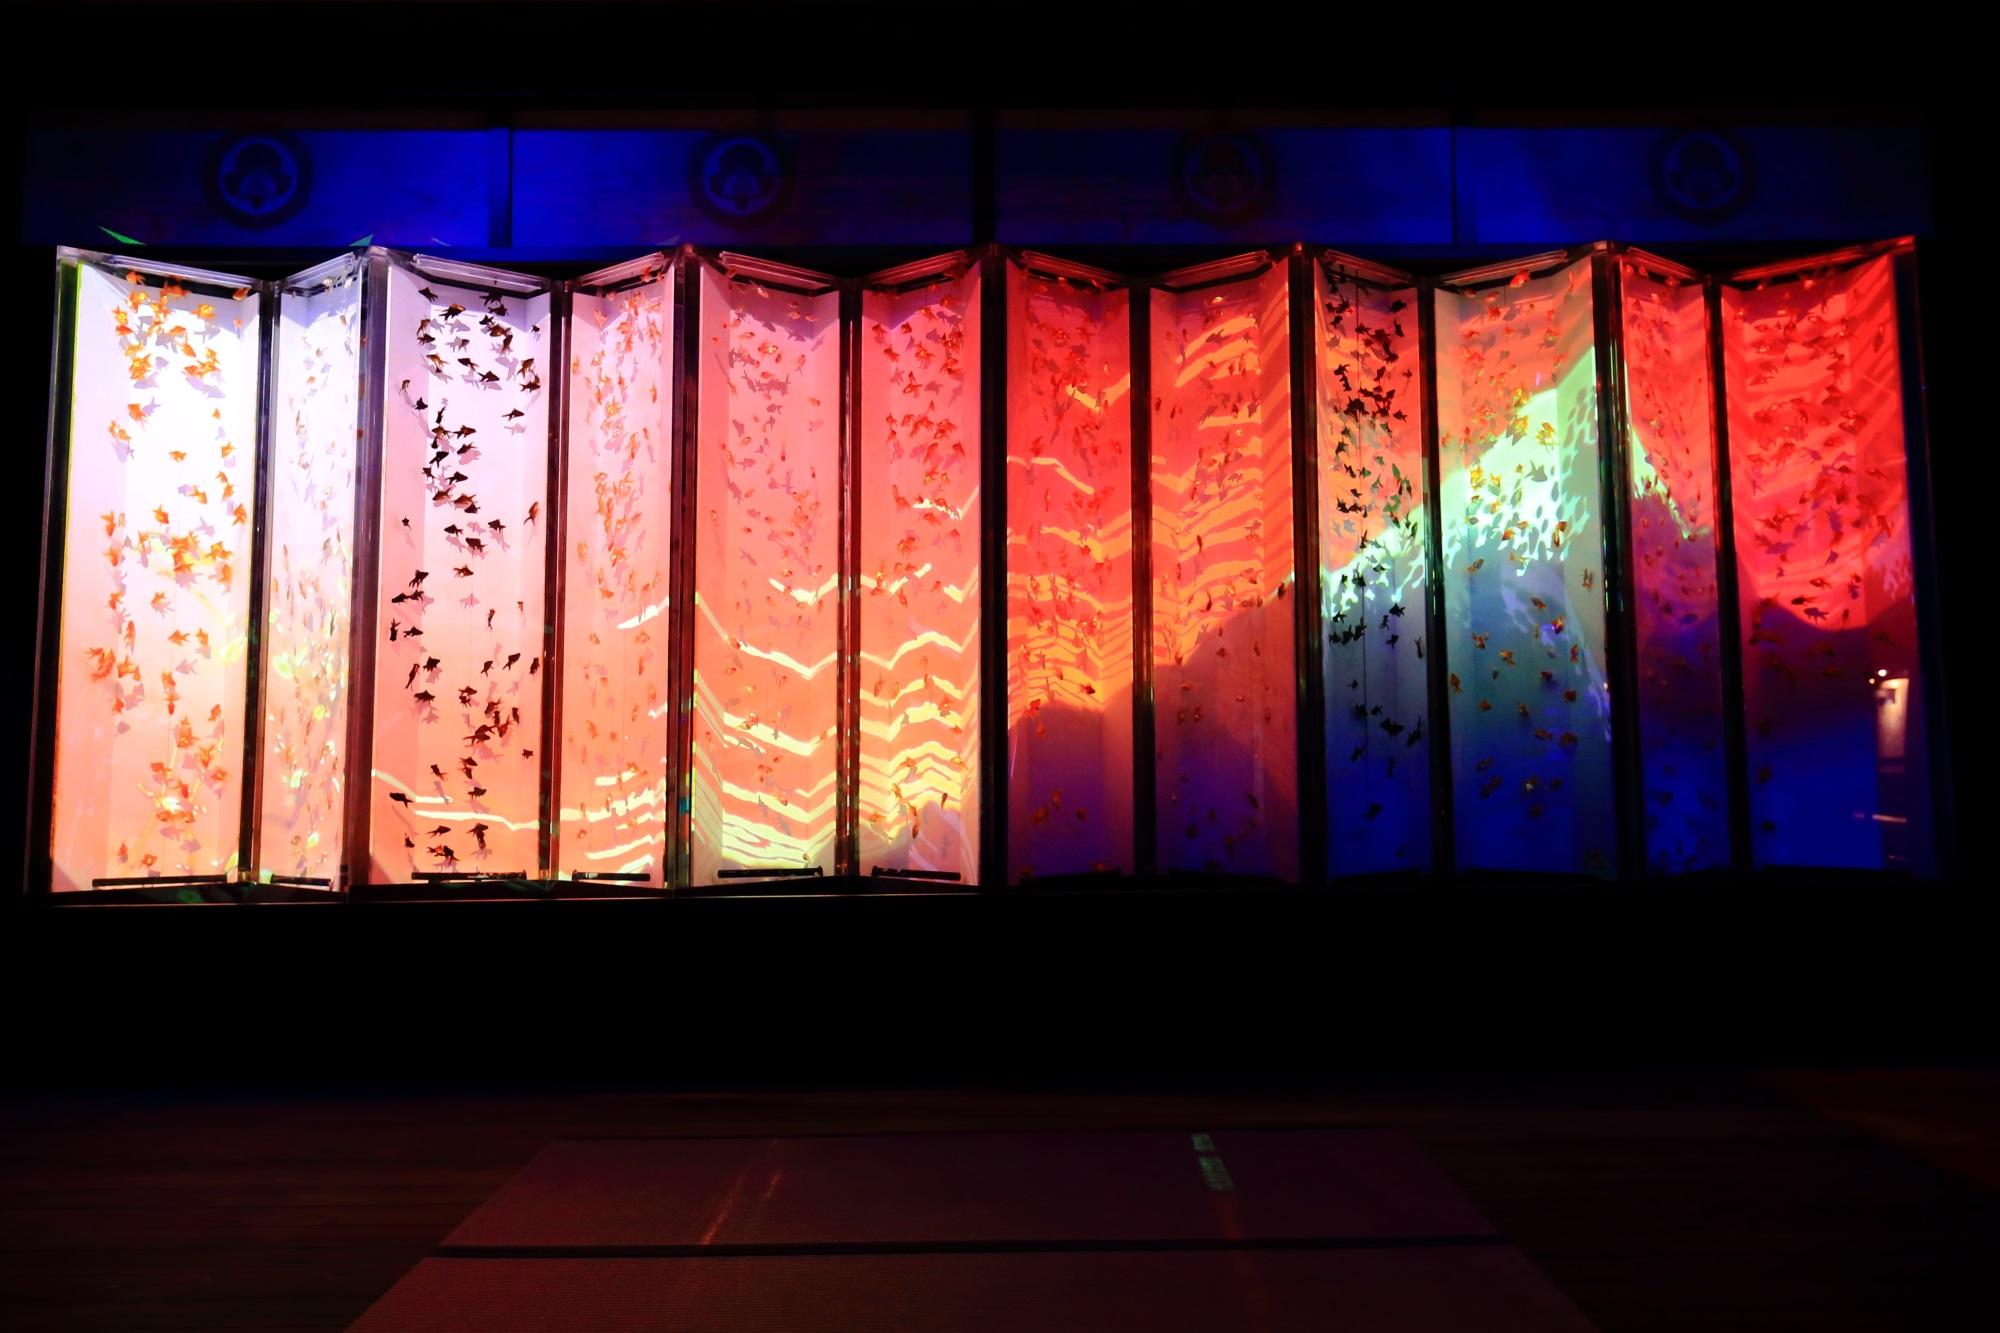 ビョウブリウム 金魚の舞 アートアクアリム城 二条城